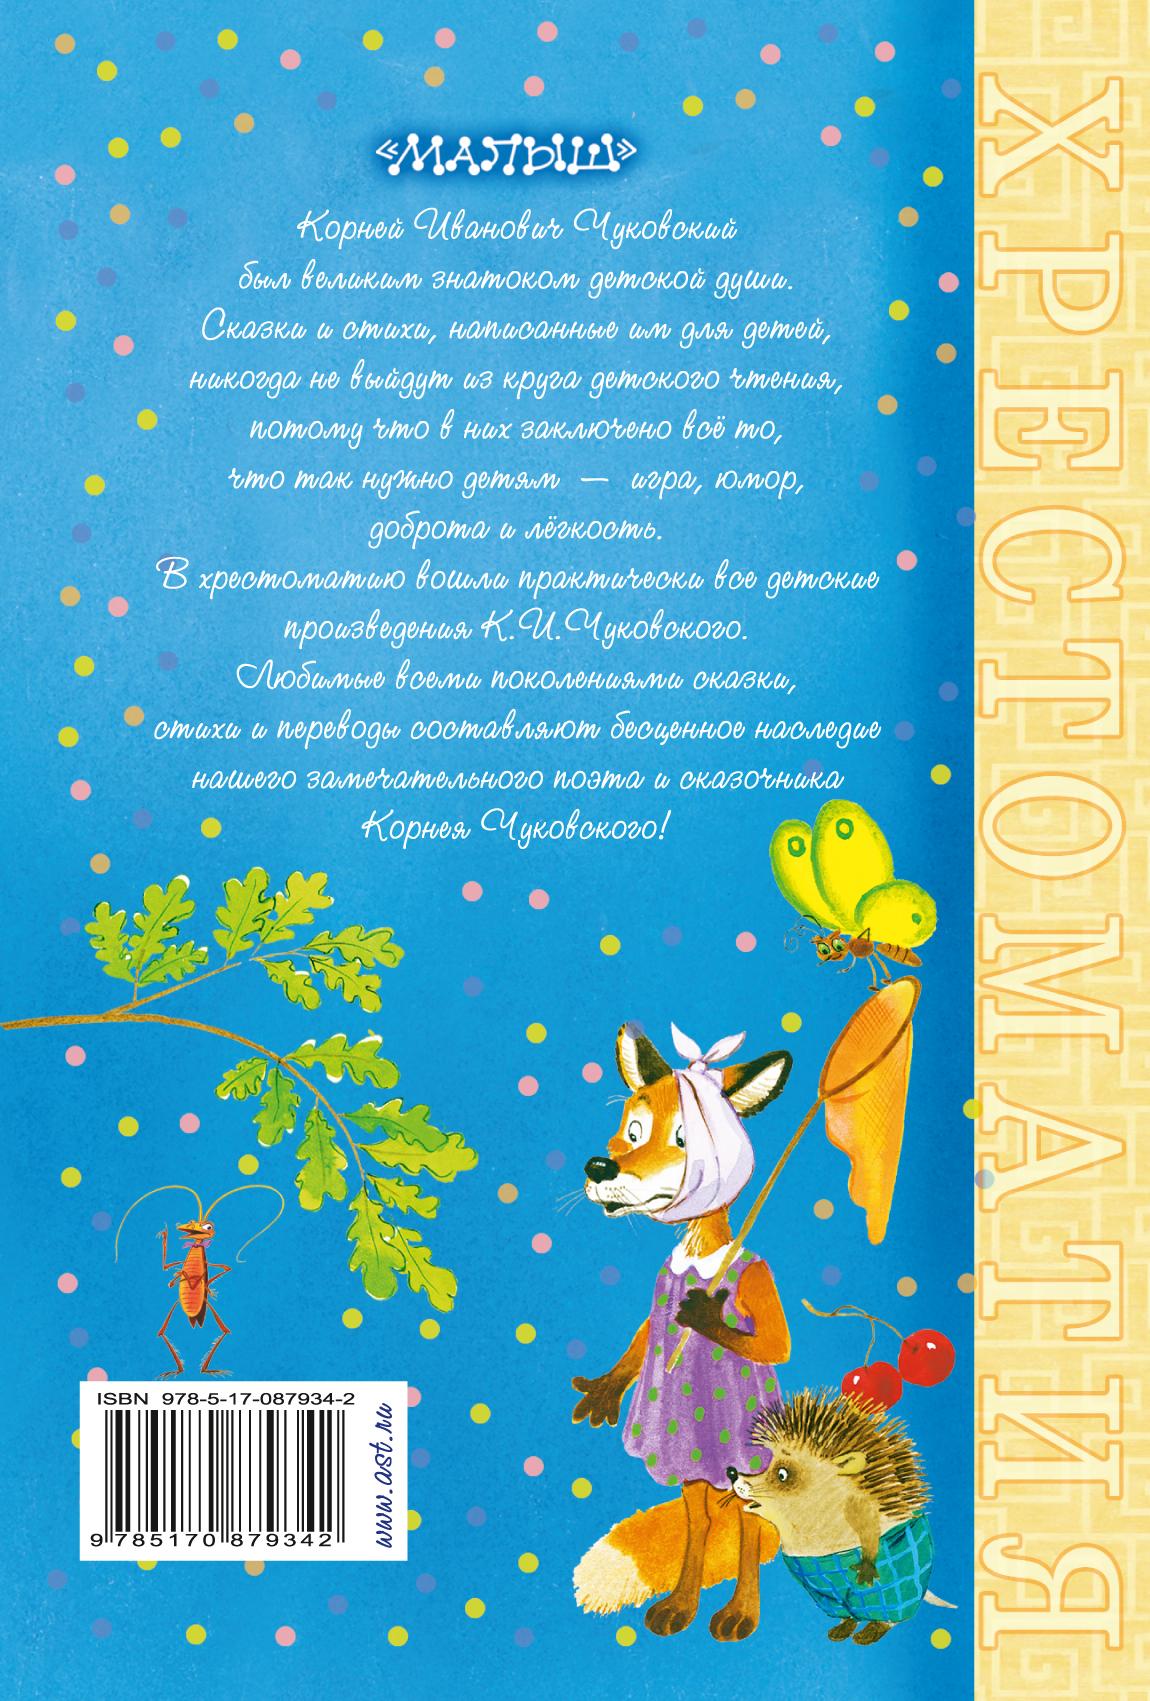 100 самых любимых сказок и стихов К. Чуковского. Хрестоматия